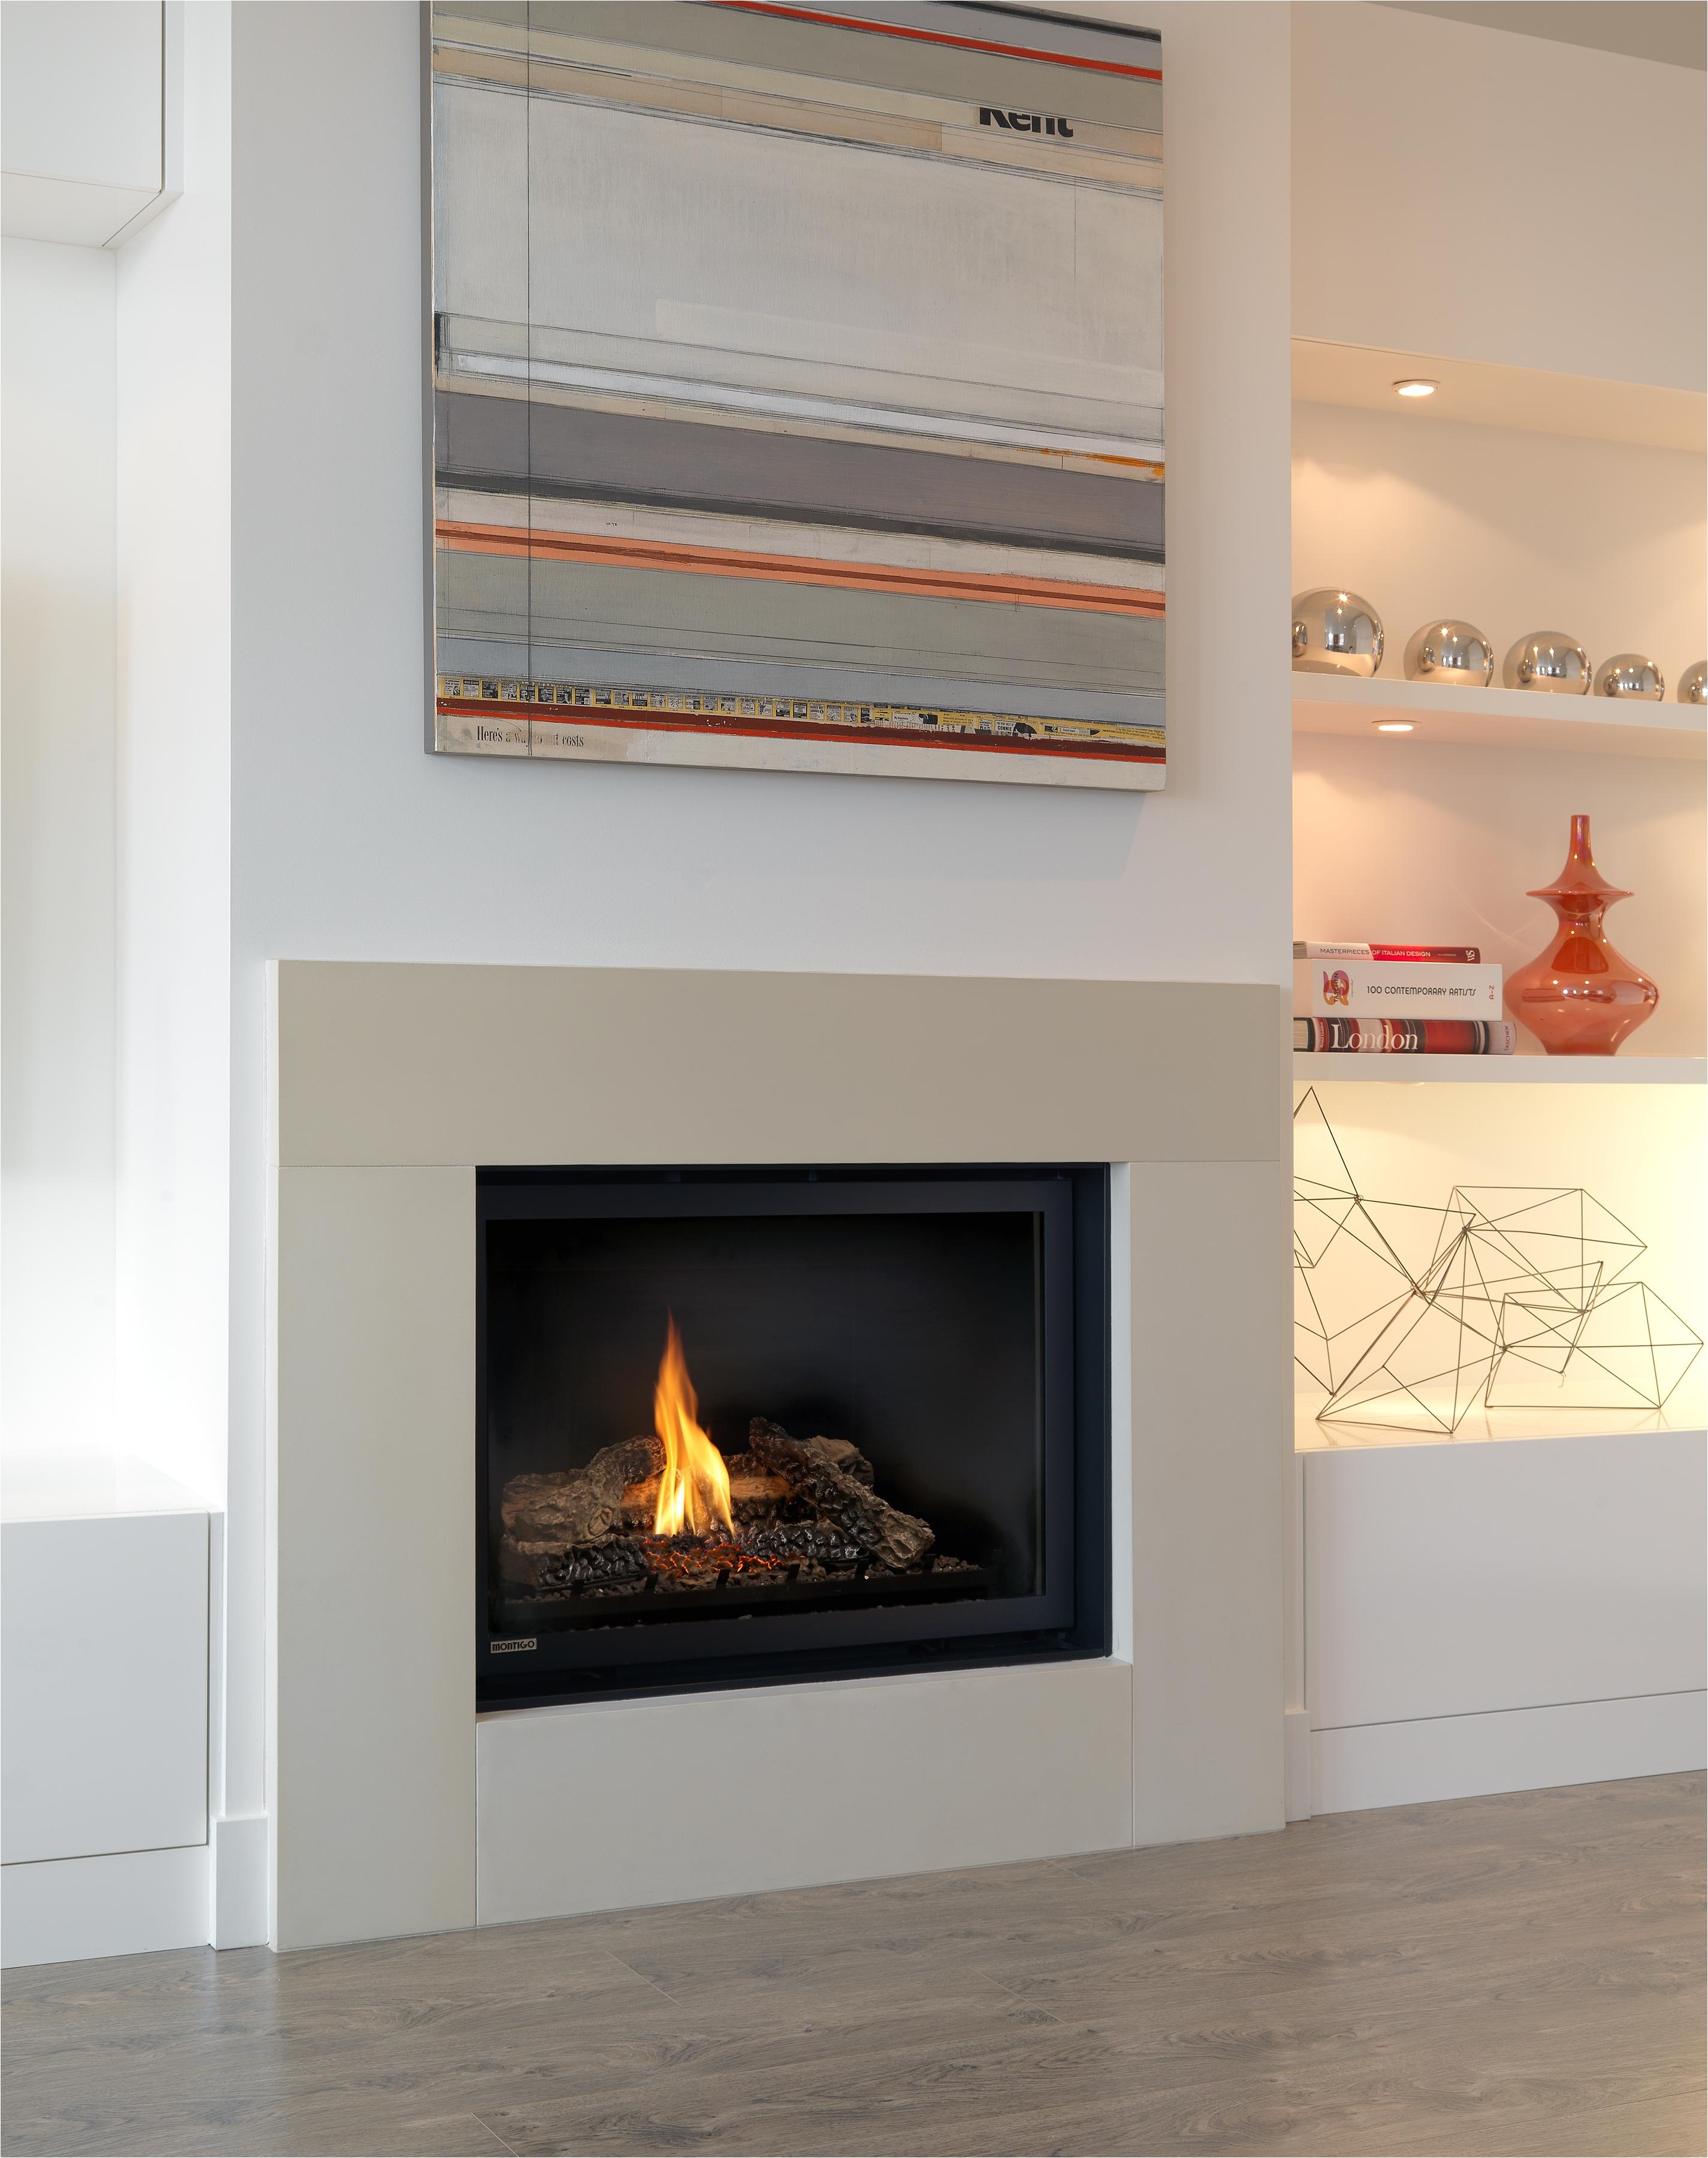 montigo h34df direct vent gas fireplace